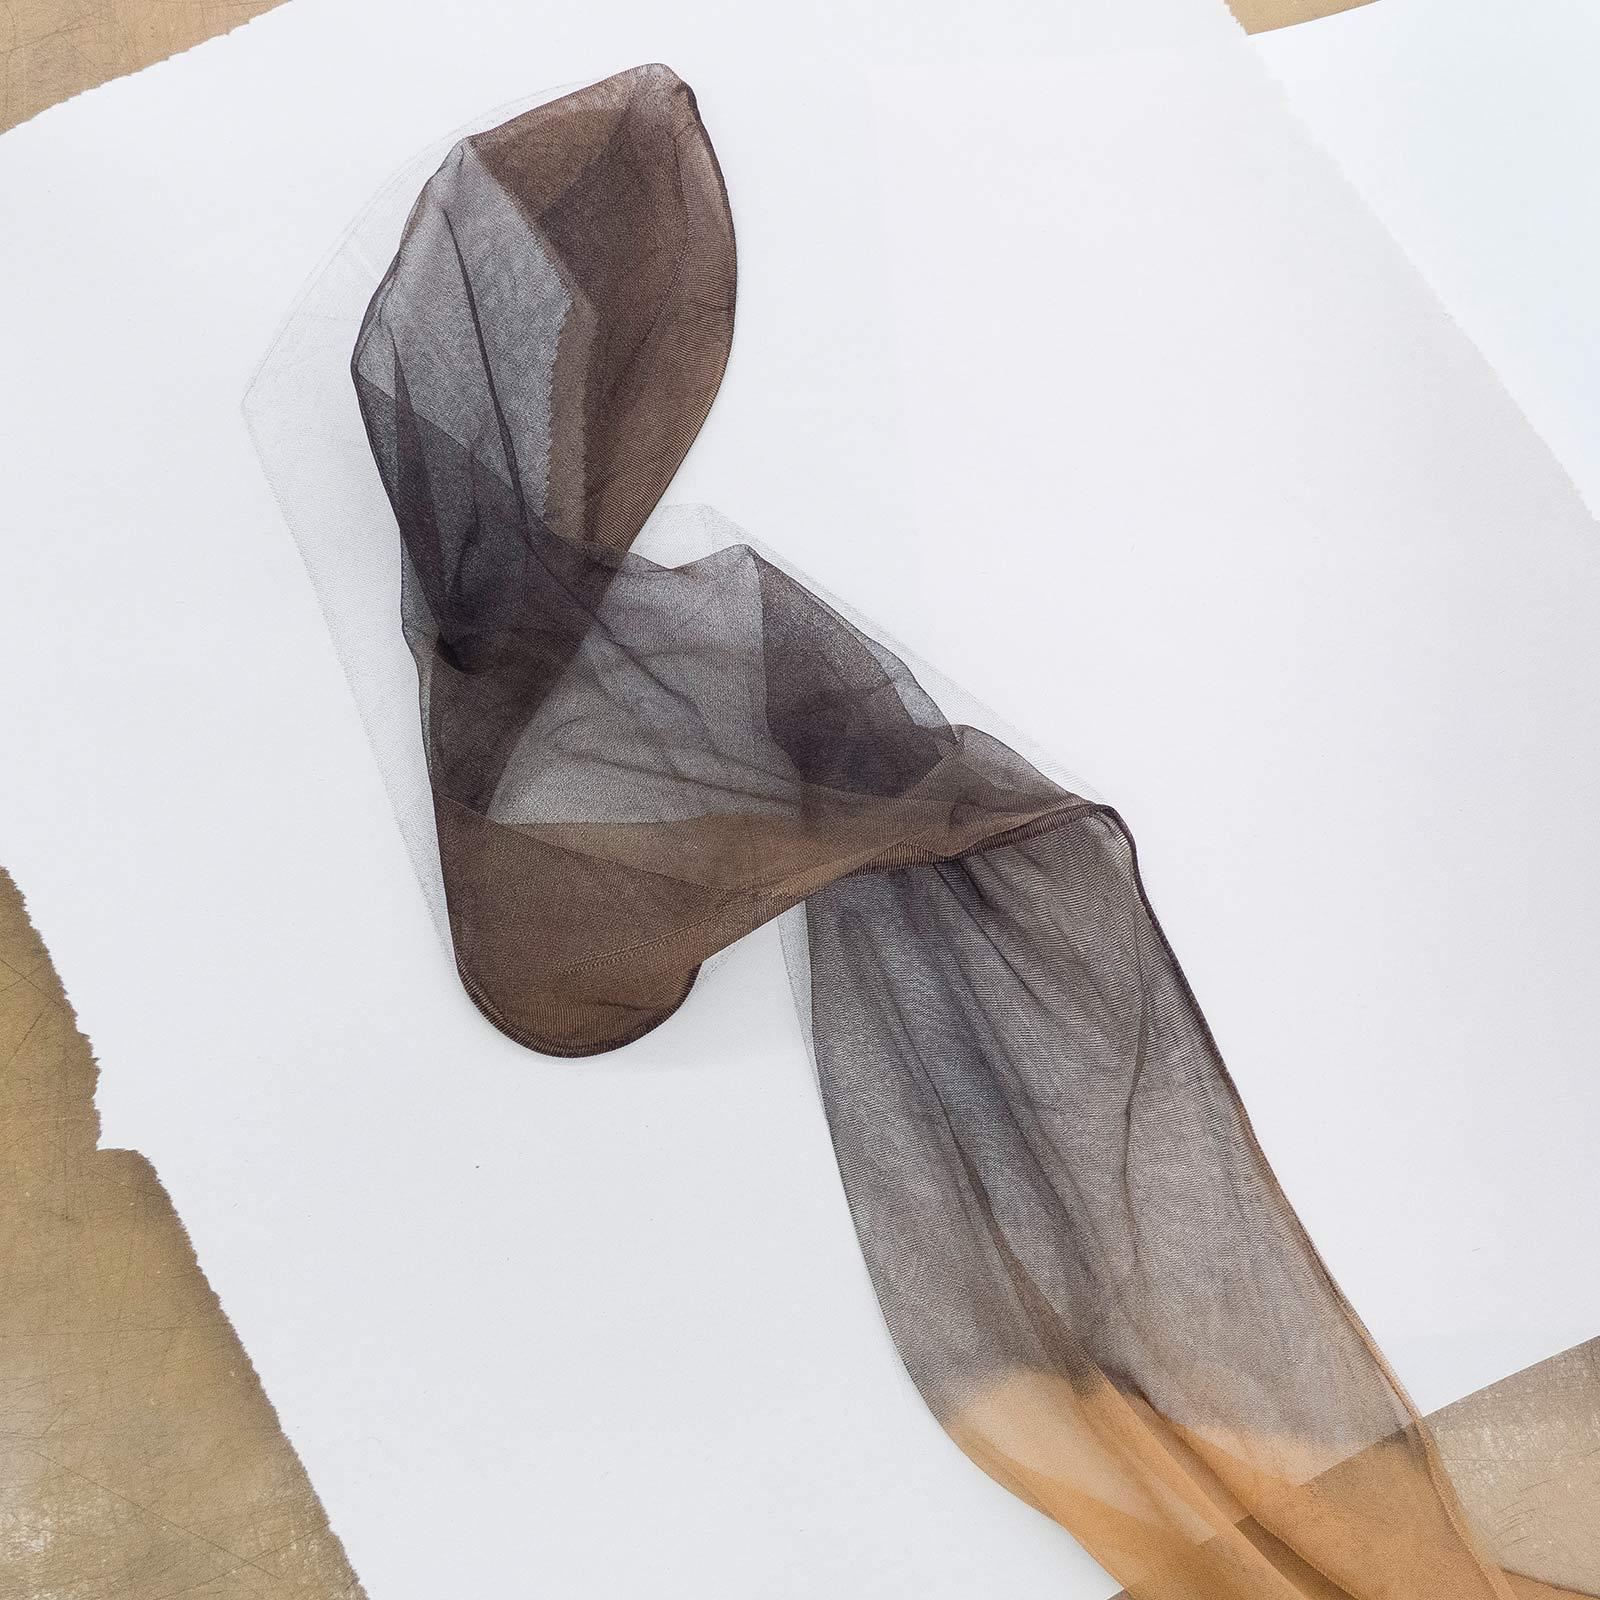 Ein mit schwarzer Druckfarbe eingefärbter Strumpf